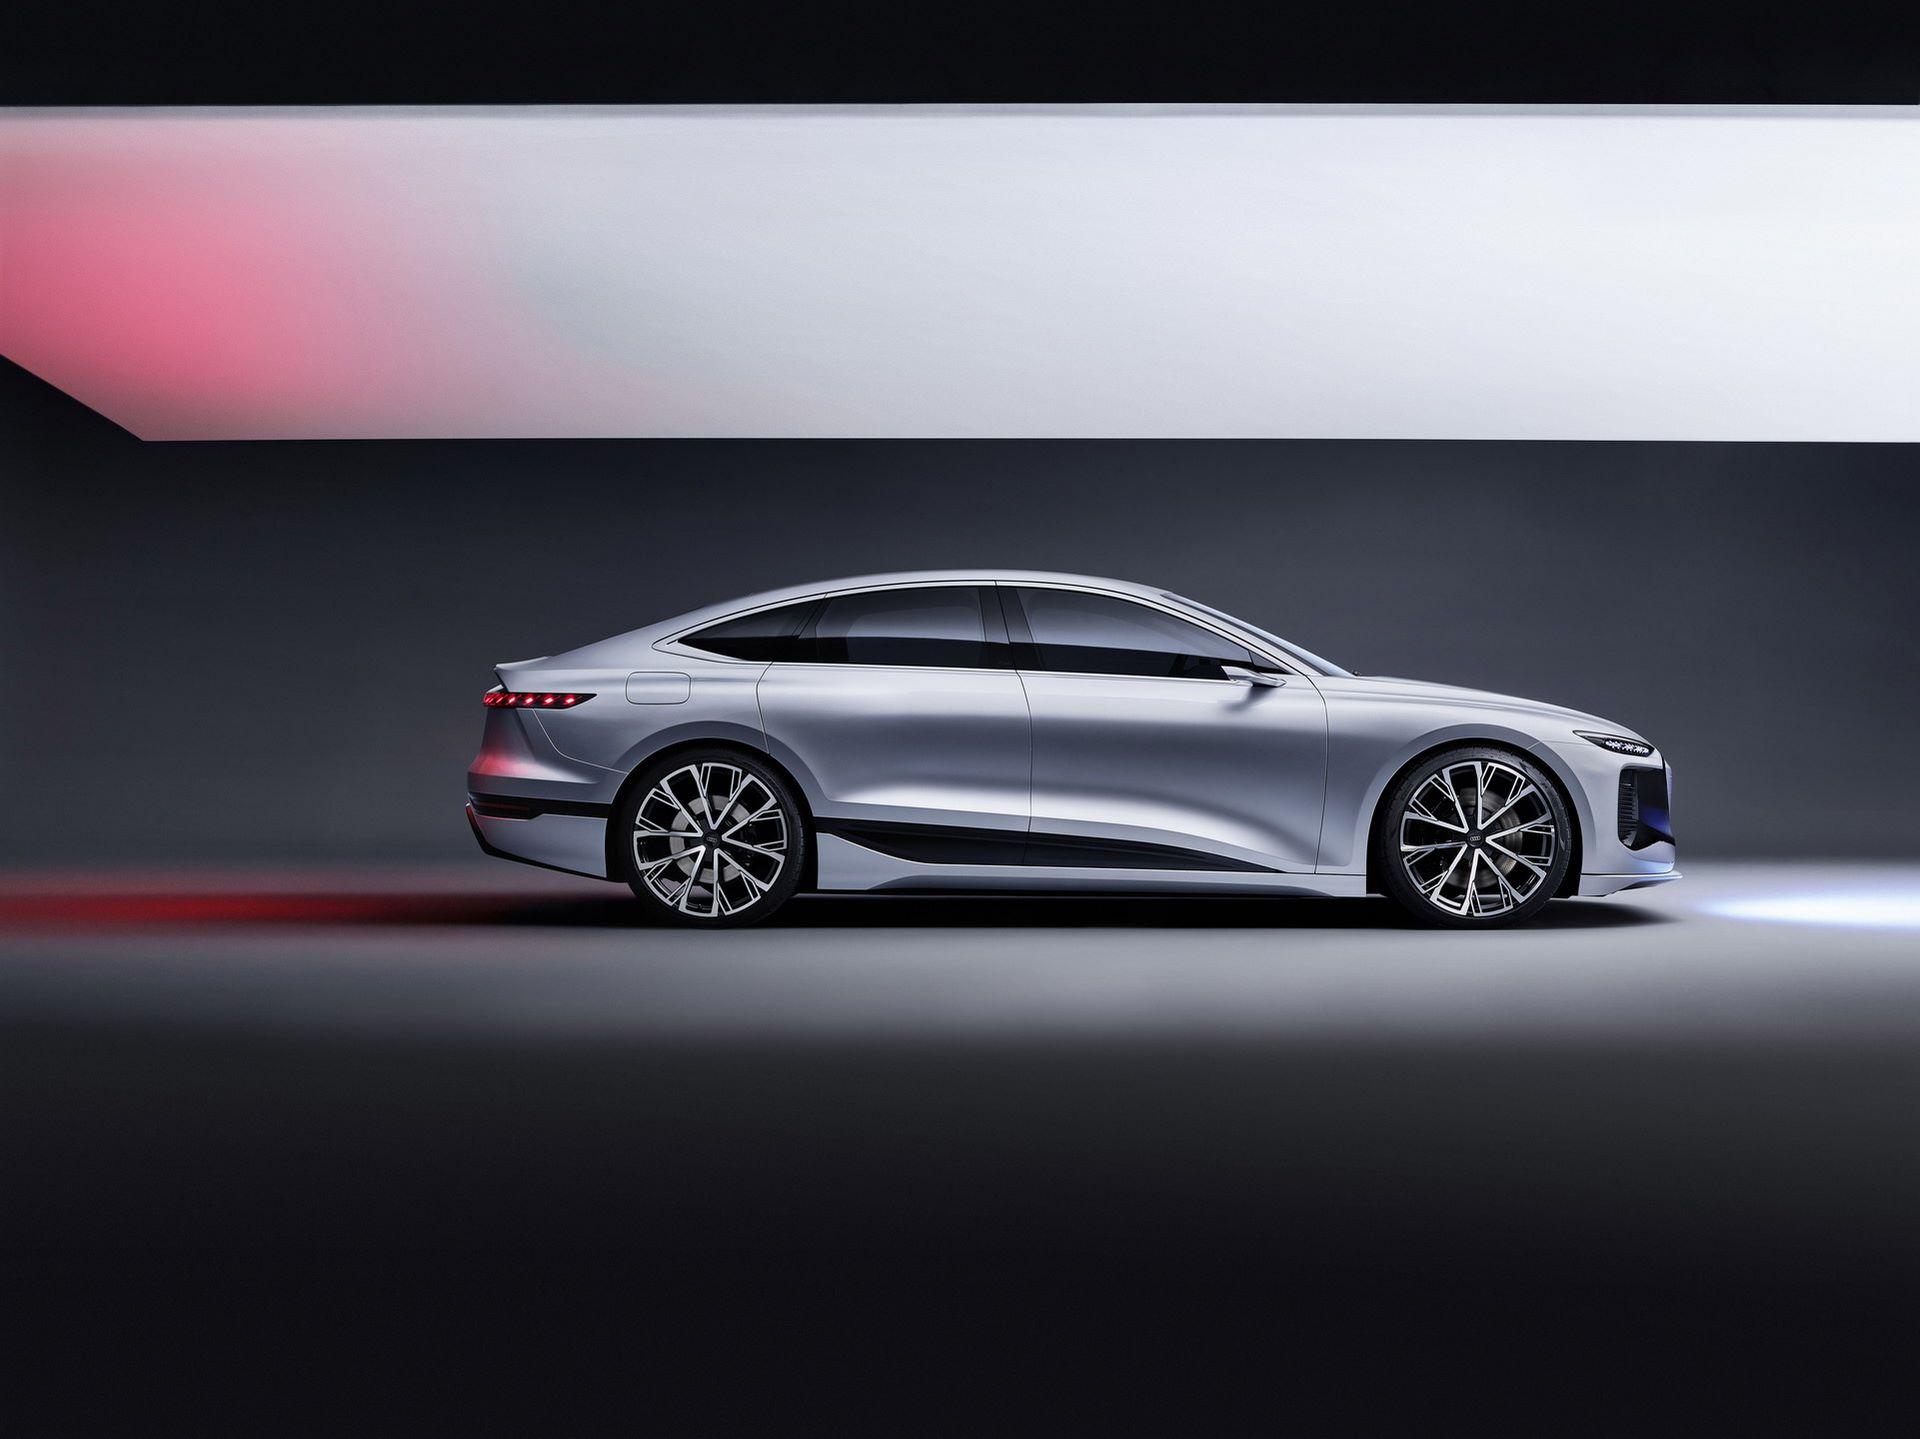 Audi-A6-e-tron-concept-37